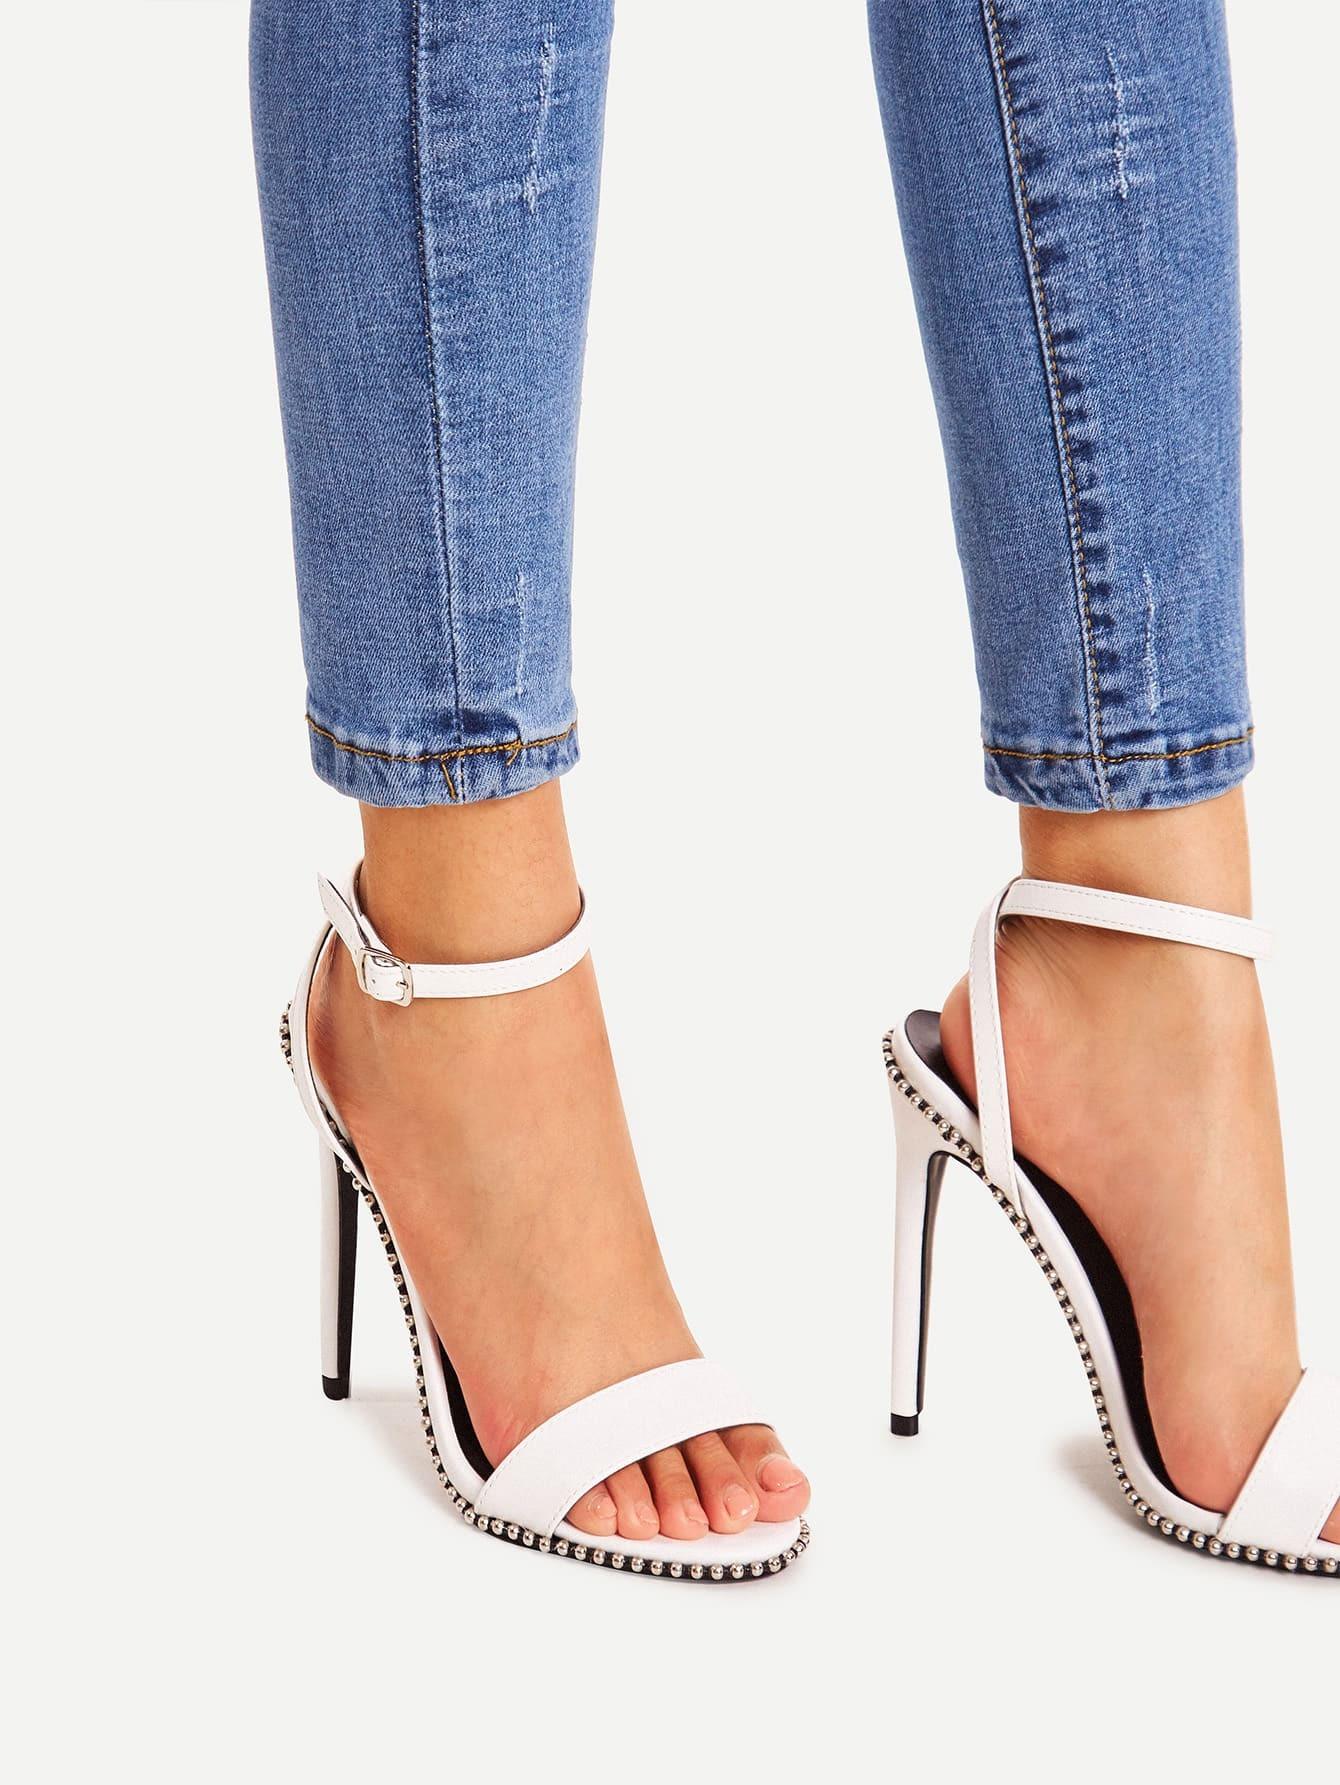 Купить Модные туфли на каблуках с заклепками, null, SheIn